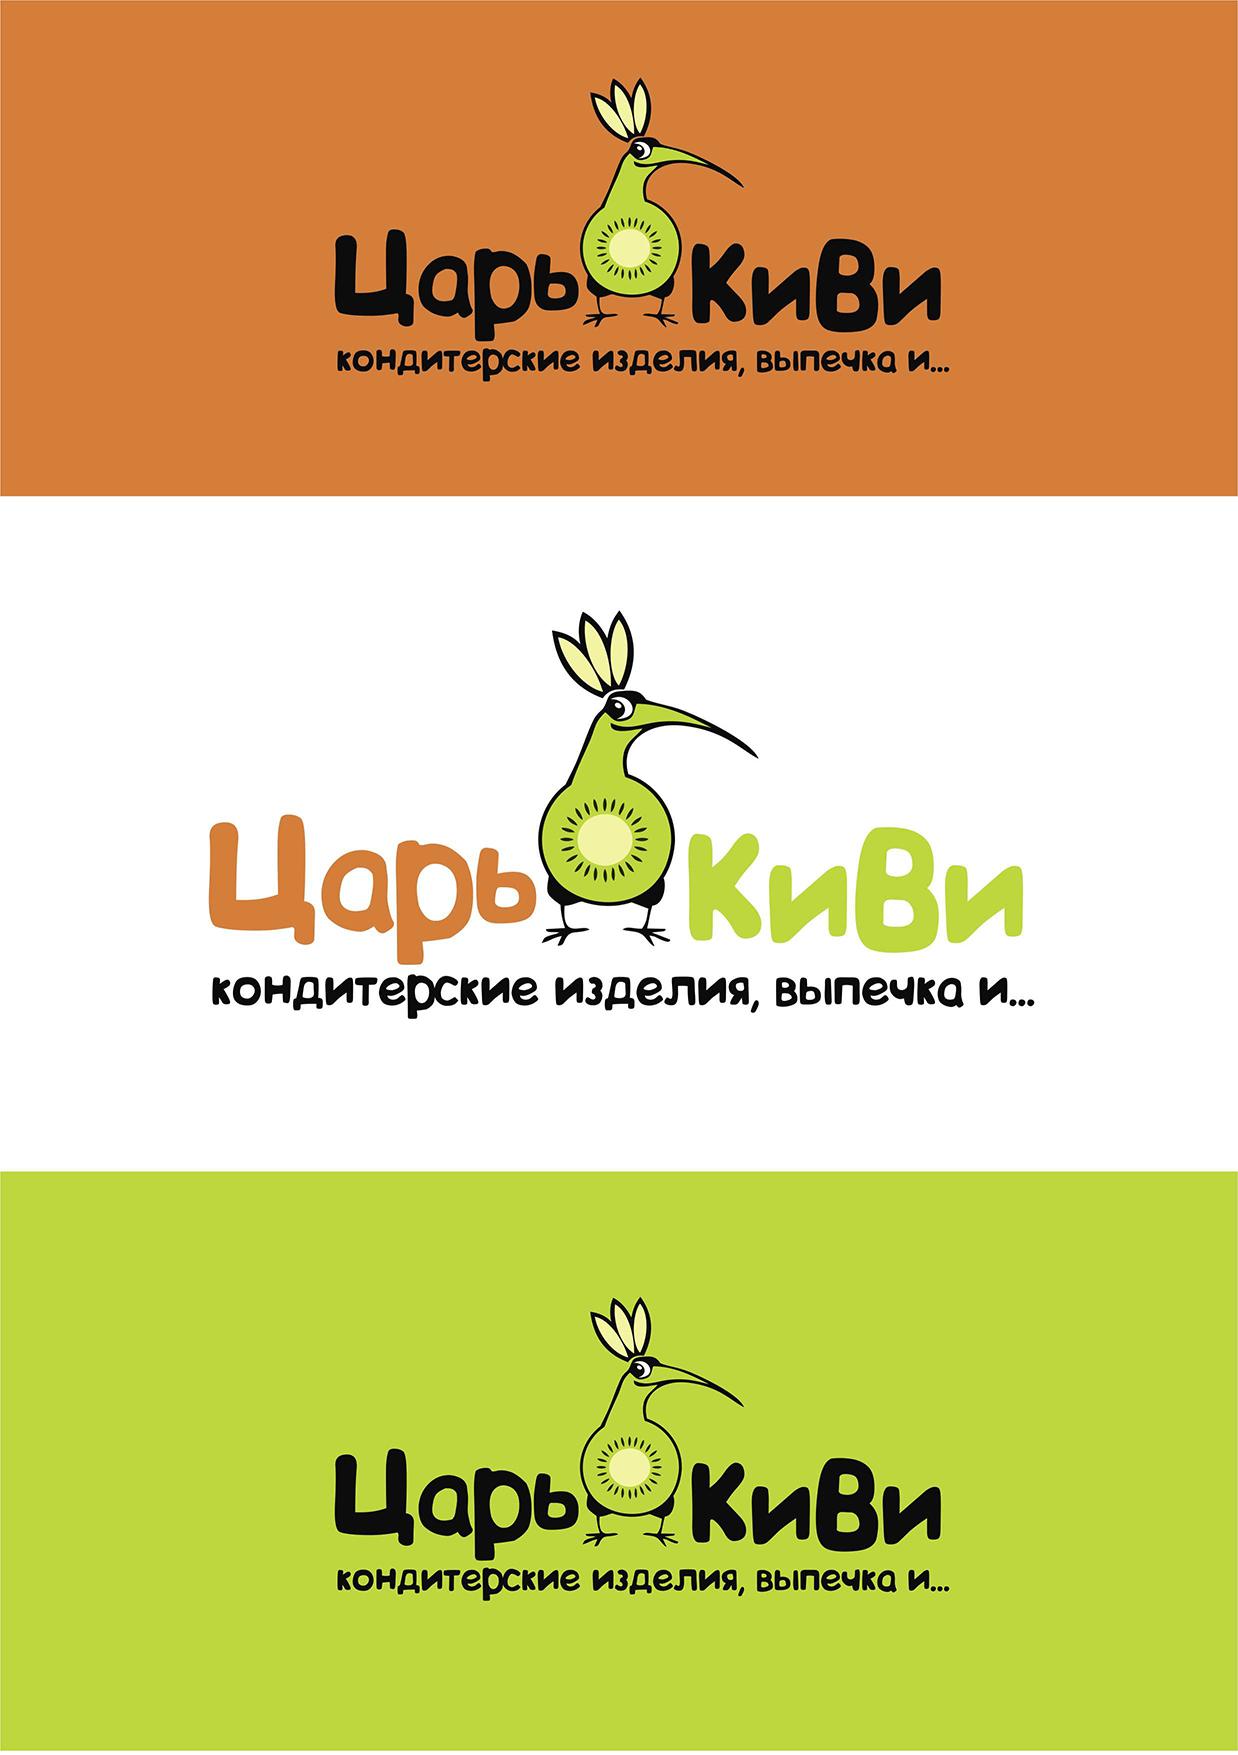 """Доработать дизайн логотипа кафе-кондитерской """"Царь-Киви"""" фото f_7945a072cf4481d5.jpg"""